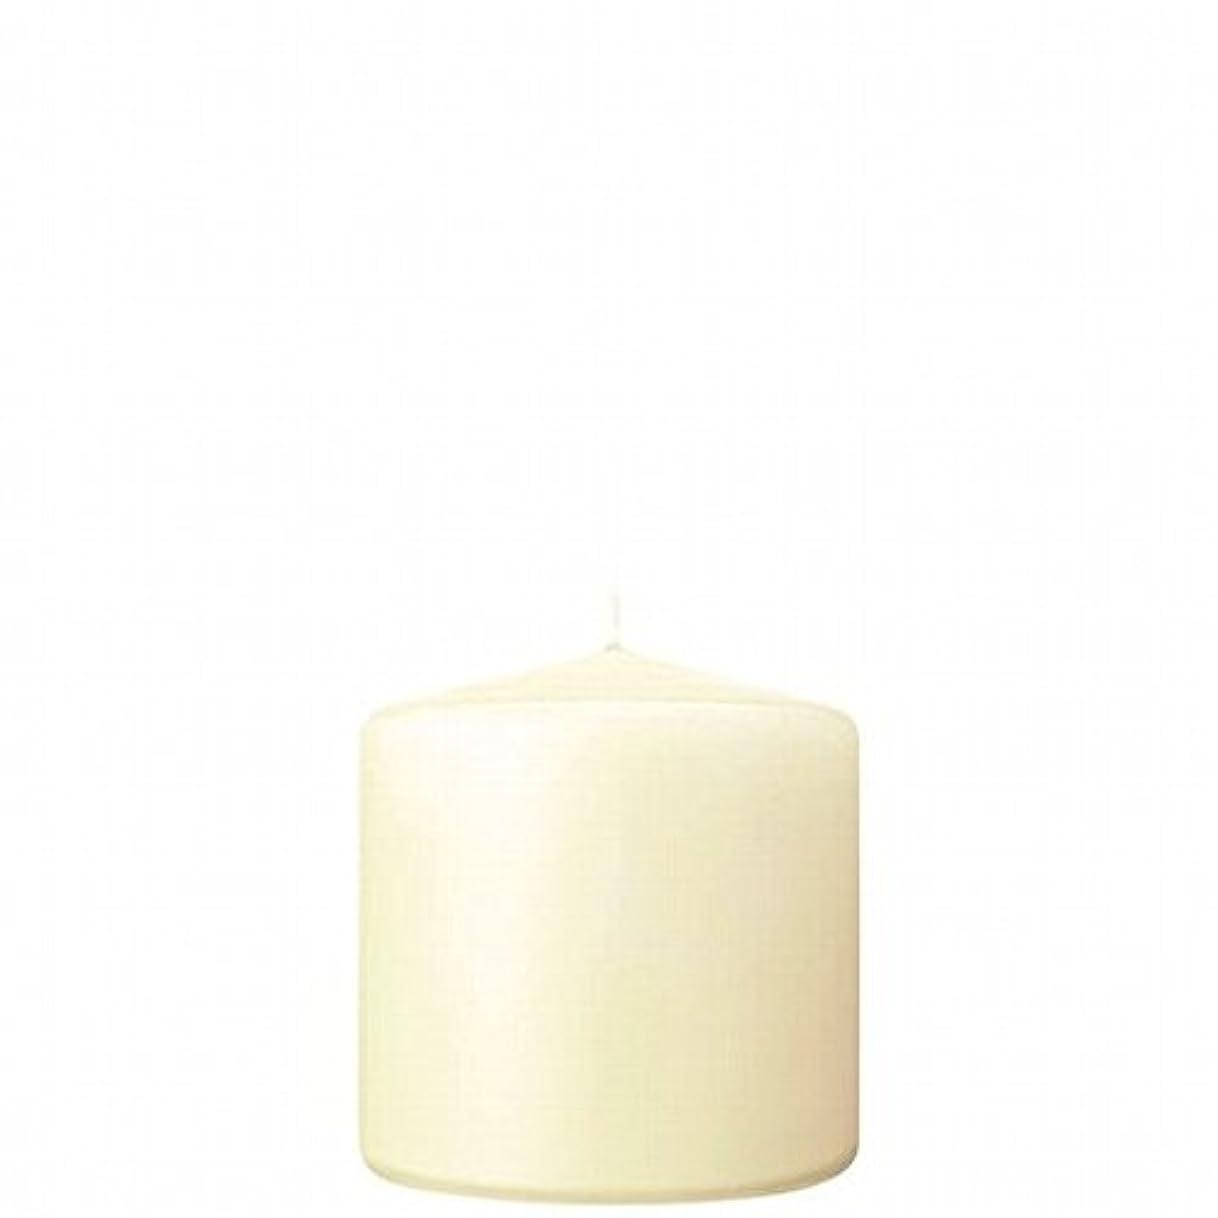 ばかげている簿記係さらにkameyama candle(カメヤマキャンドル) 3×3ベルトップピラーキャンドル 「 アイボリー 」(A9730000IV)